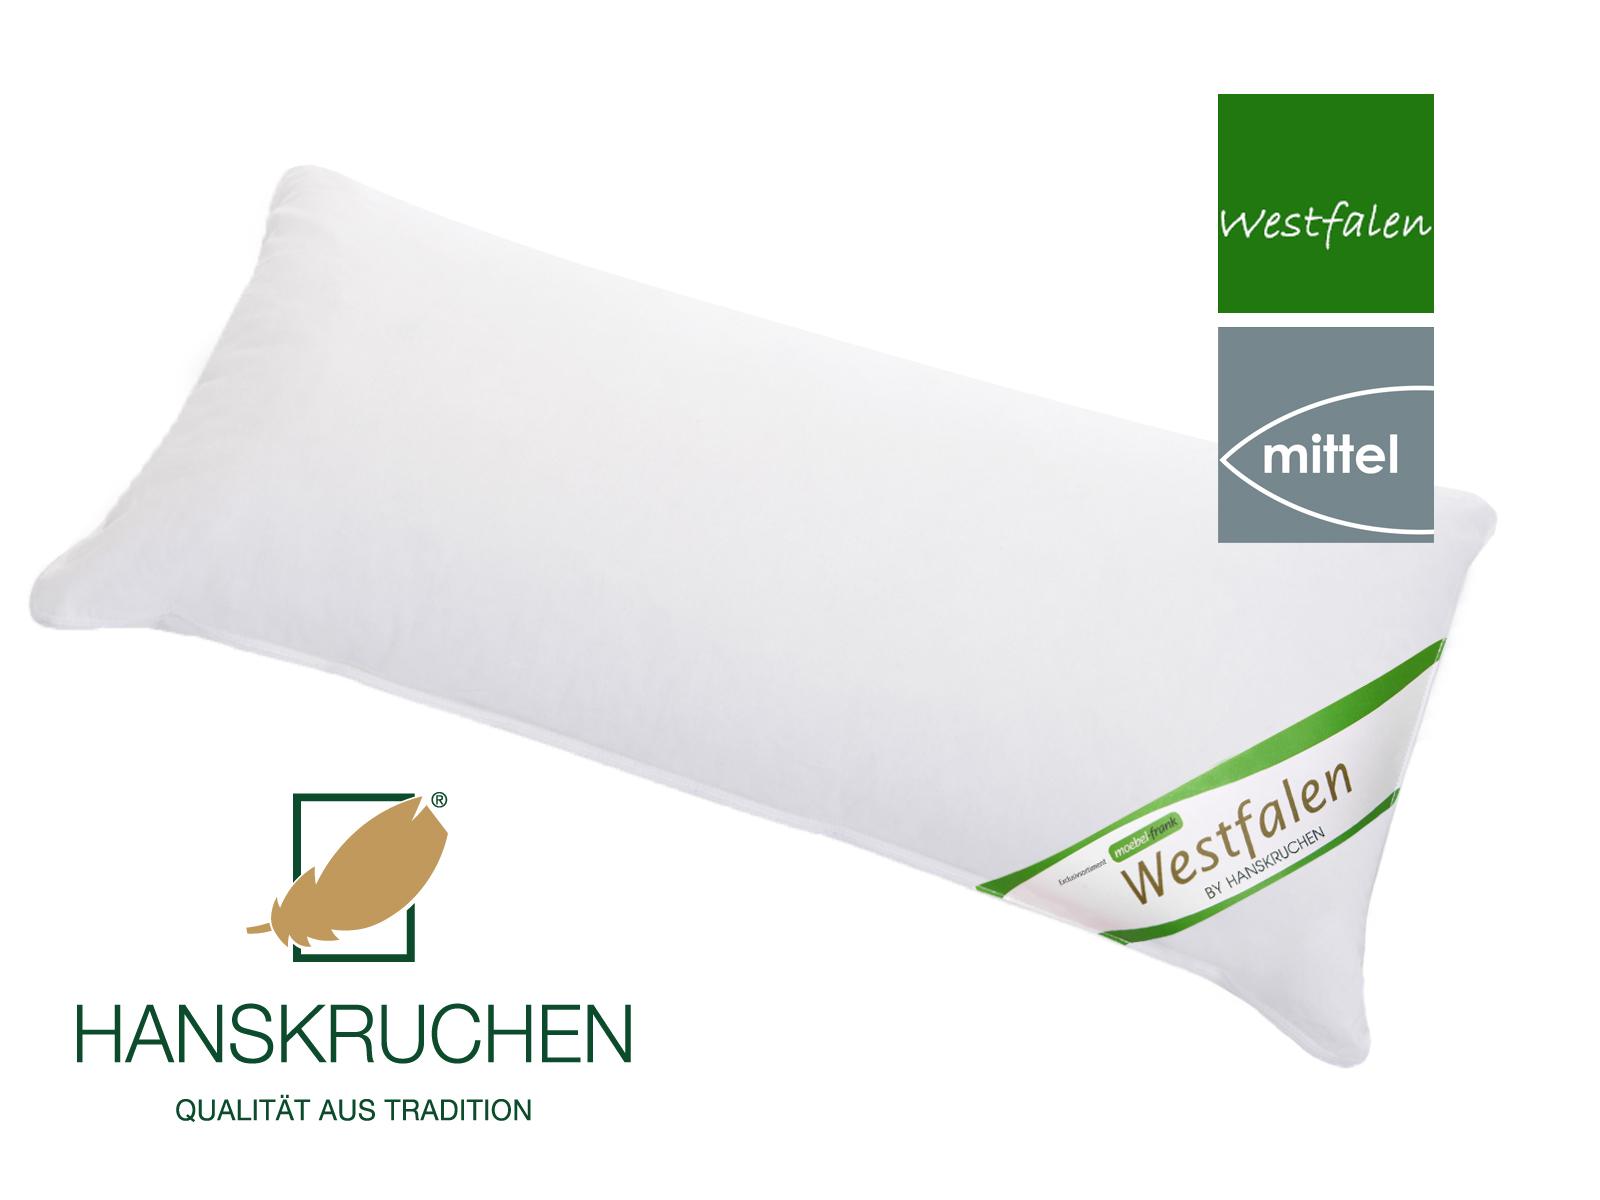 Kopfkissen neue westfälische Landfedern und Daunen Klasse 1 Baumwolle Deutsches Qualitätsprodukt Hanskruchen – Bild 3